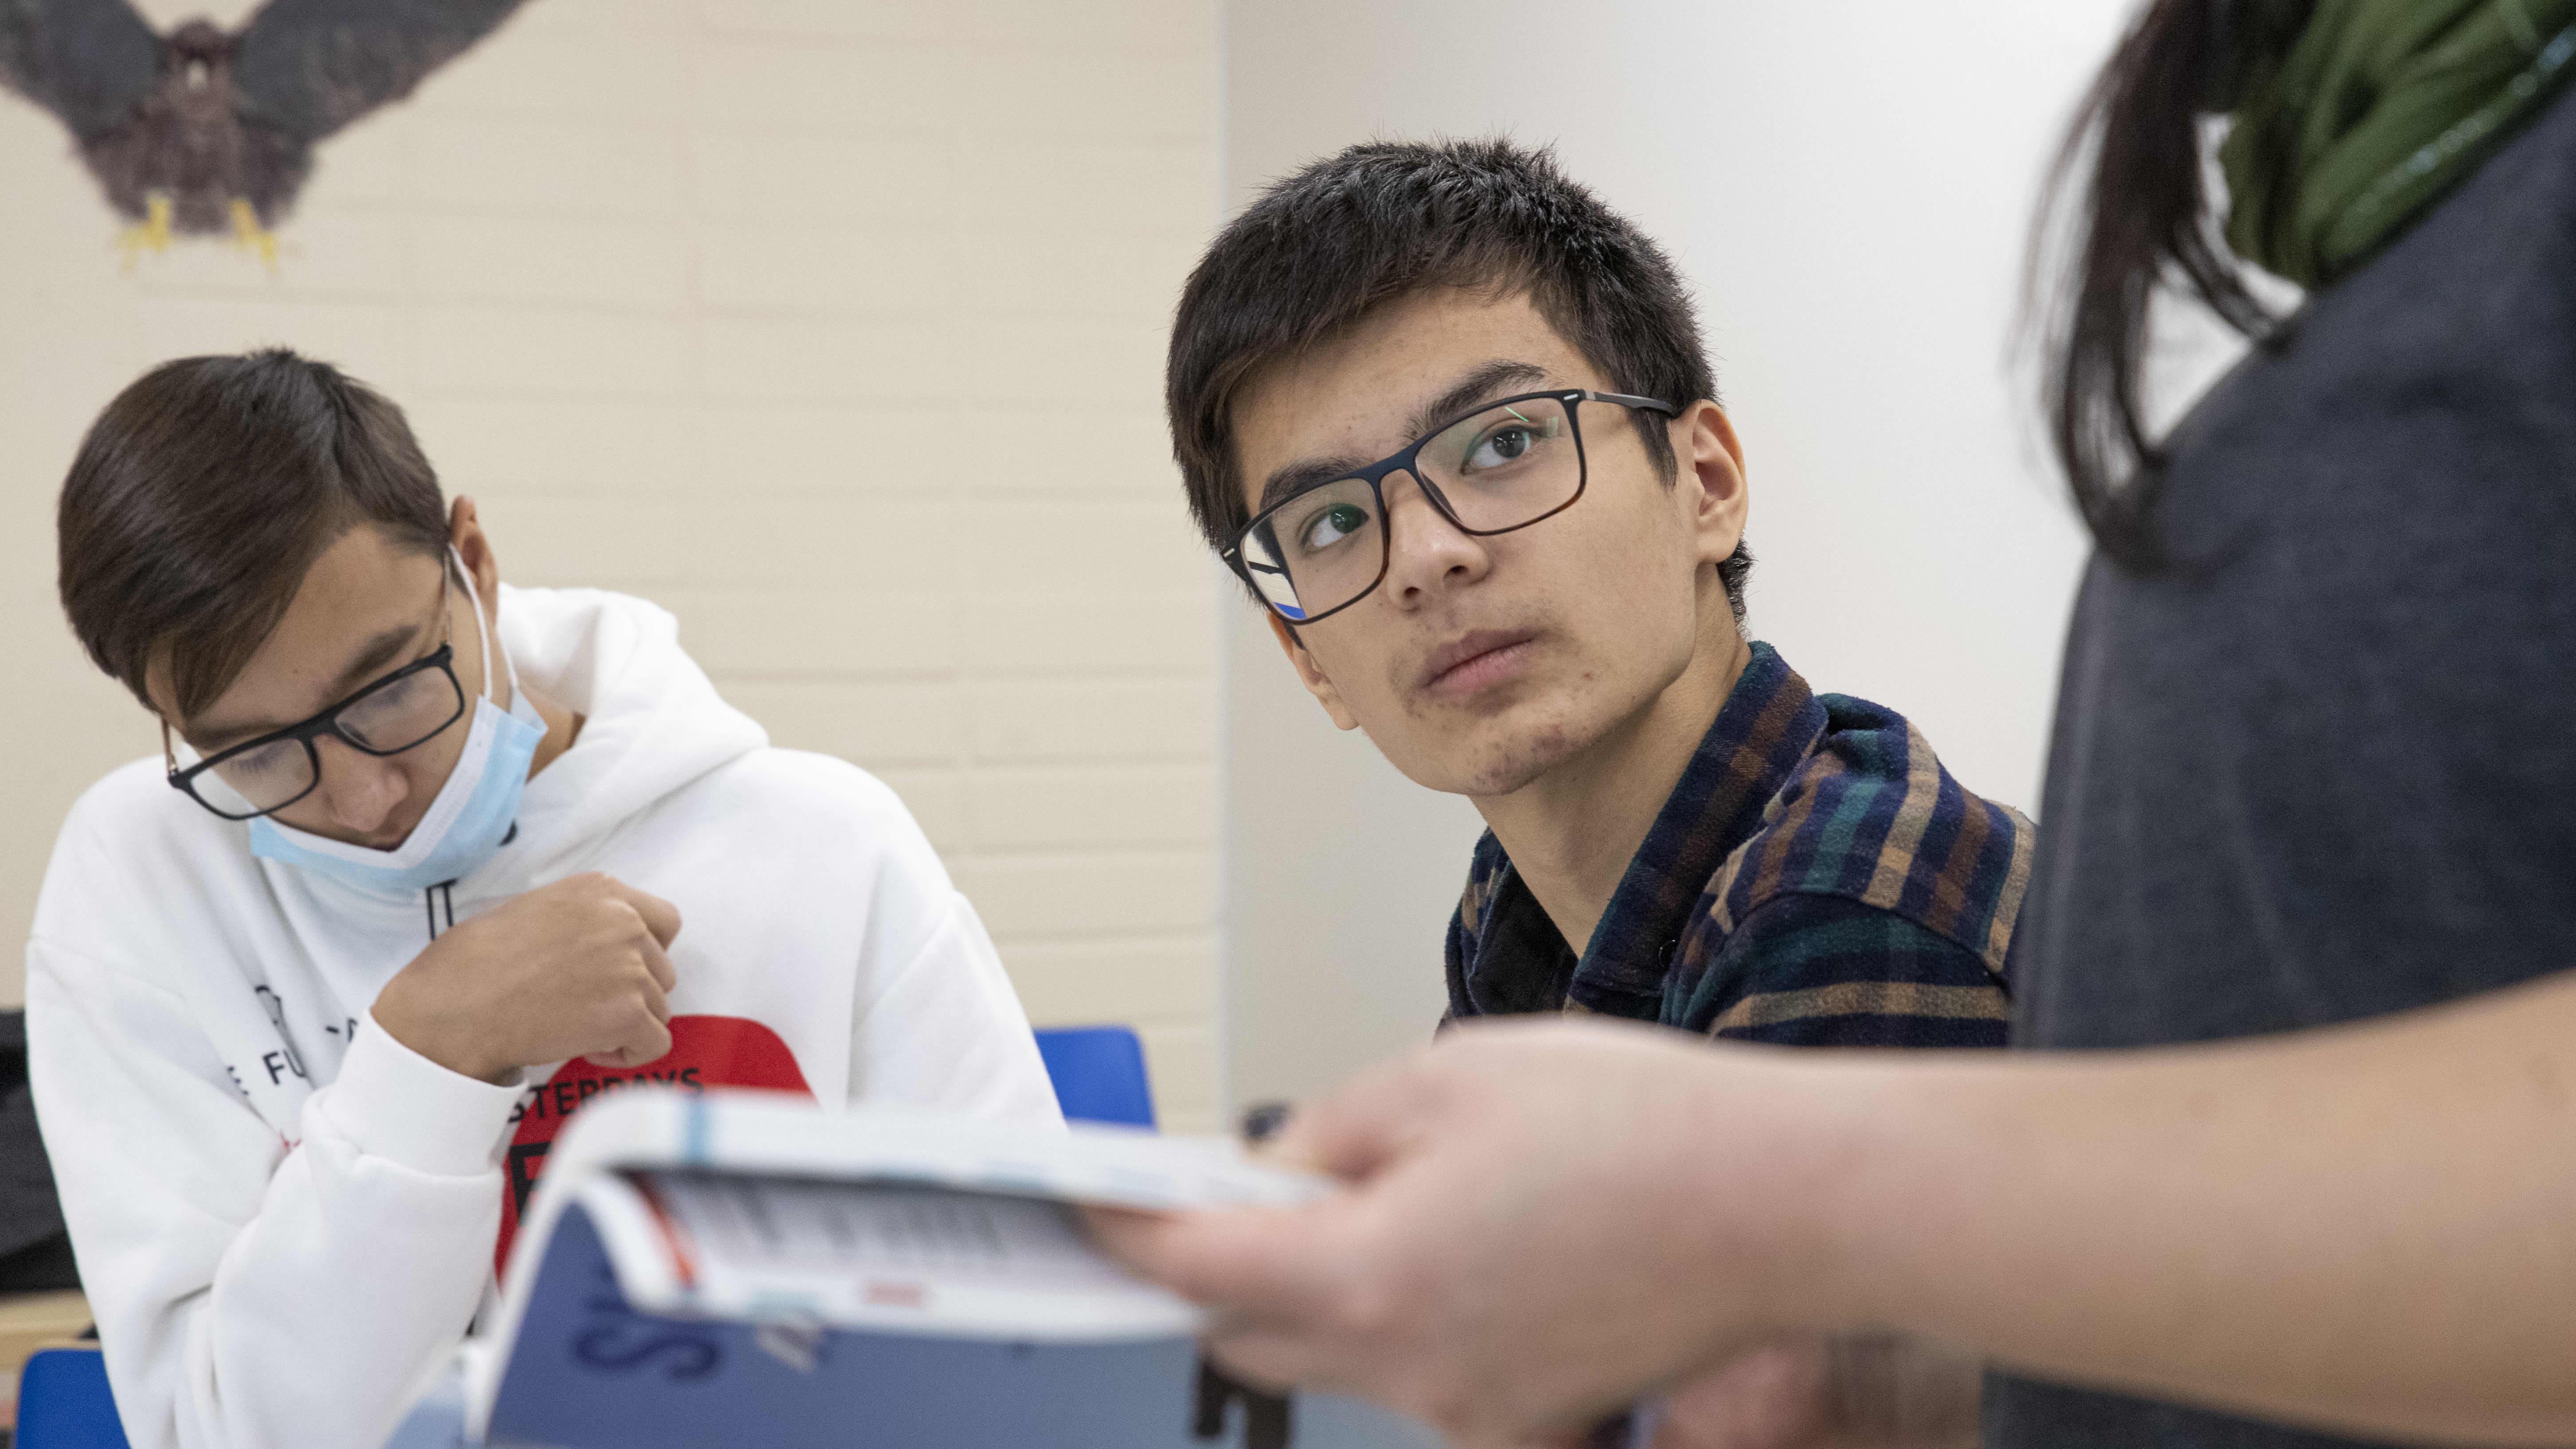 """Uzbekistanilaiset nuoret tykästyivät pieneen suomalaislukioon: """"Täällä on enemmän vapaa-aikaa"""""""